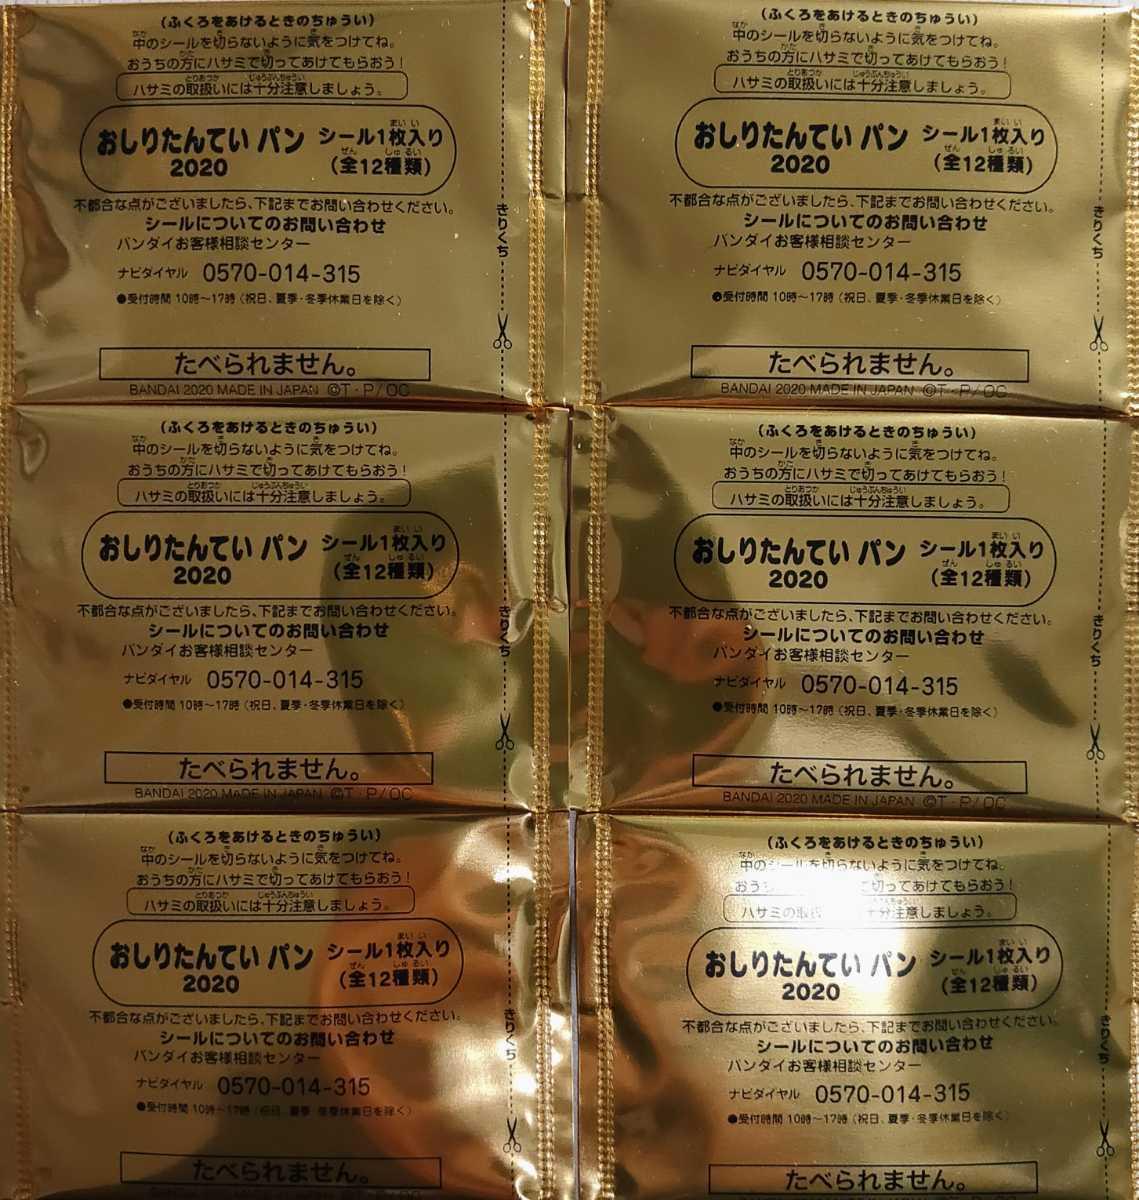 ♪6枚セット♪おしりたんてい♪未開封シール バンダイ 第一パン BANDAI ステッカー_画像1